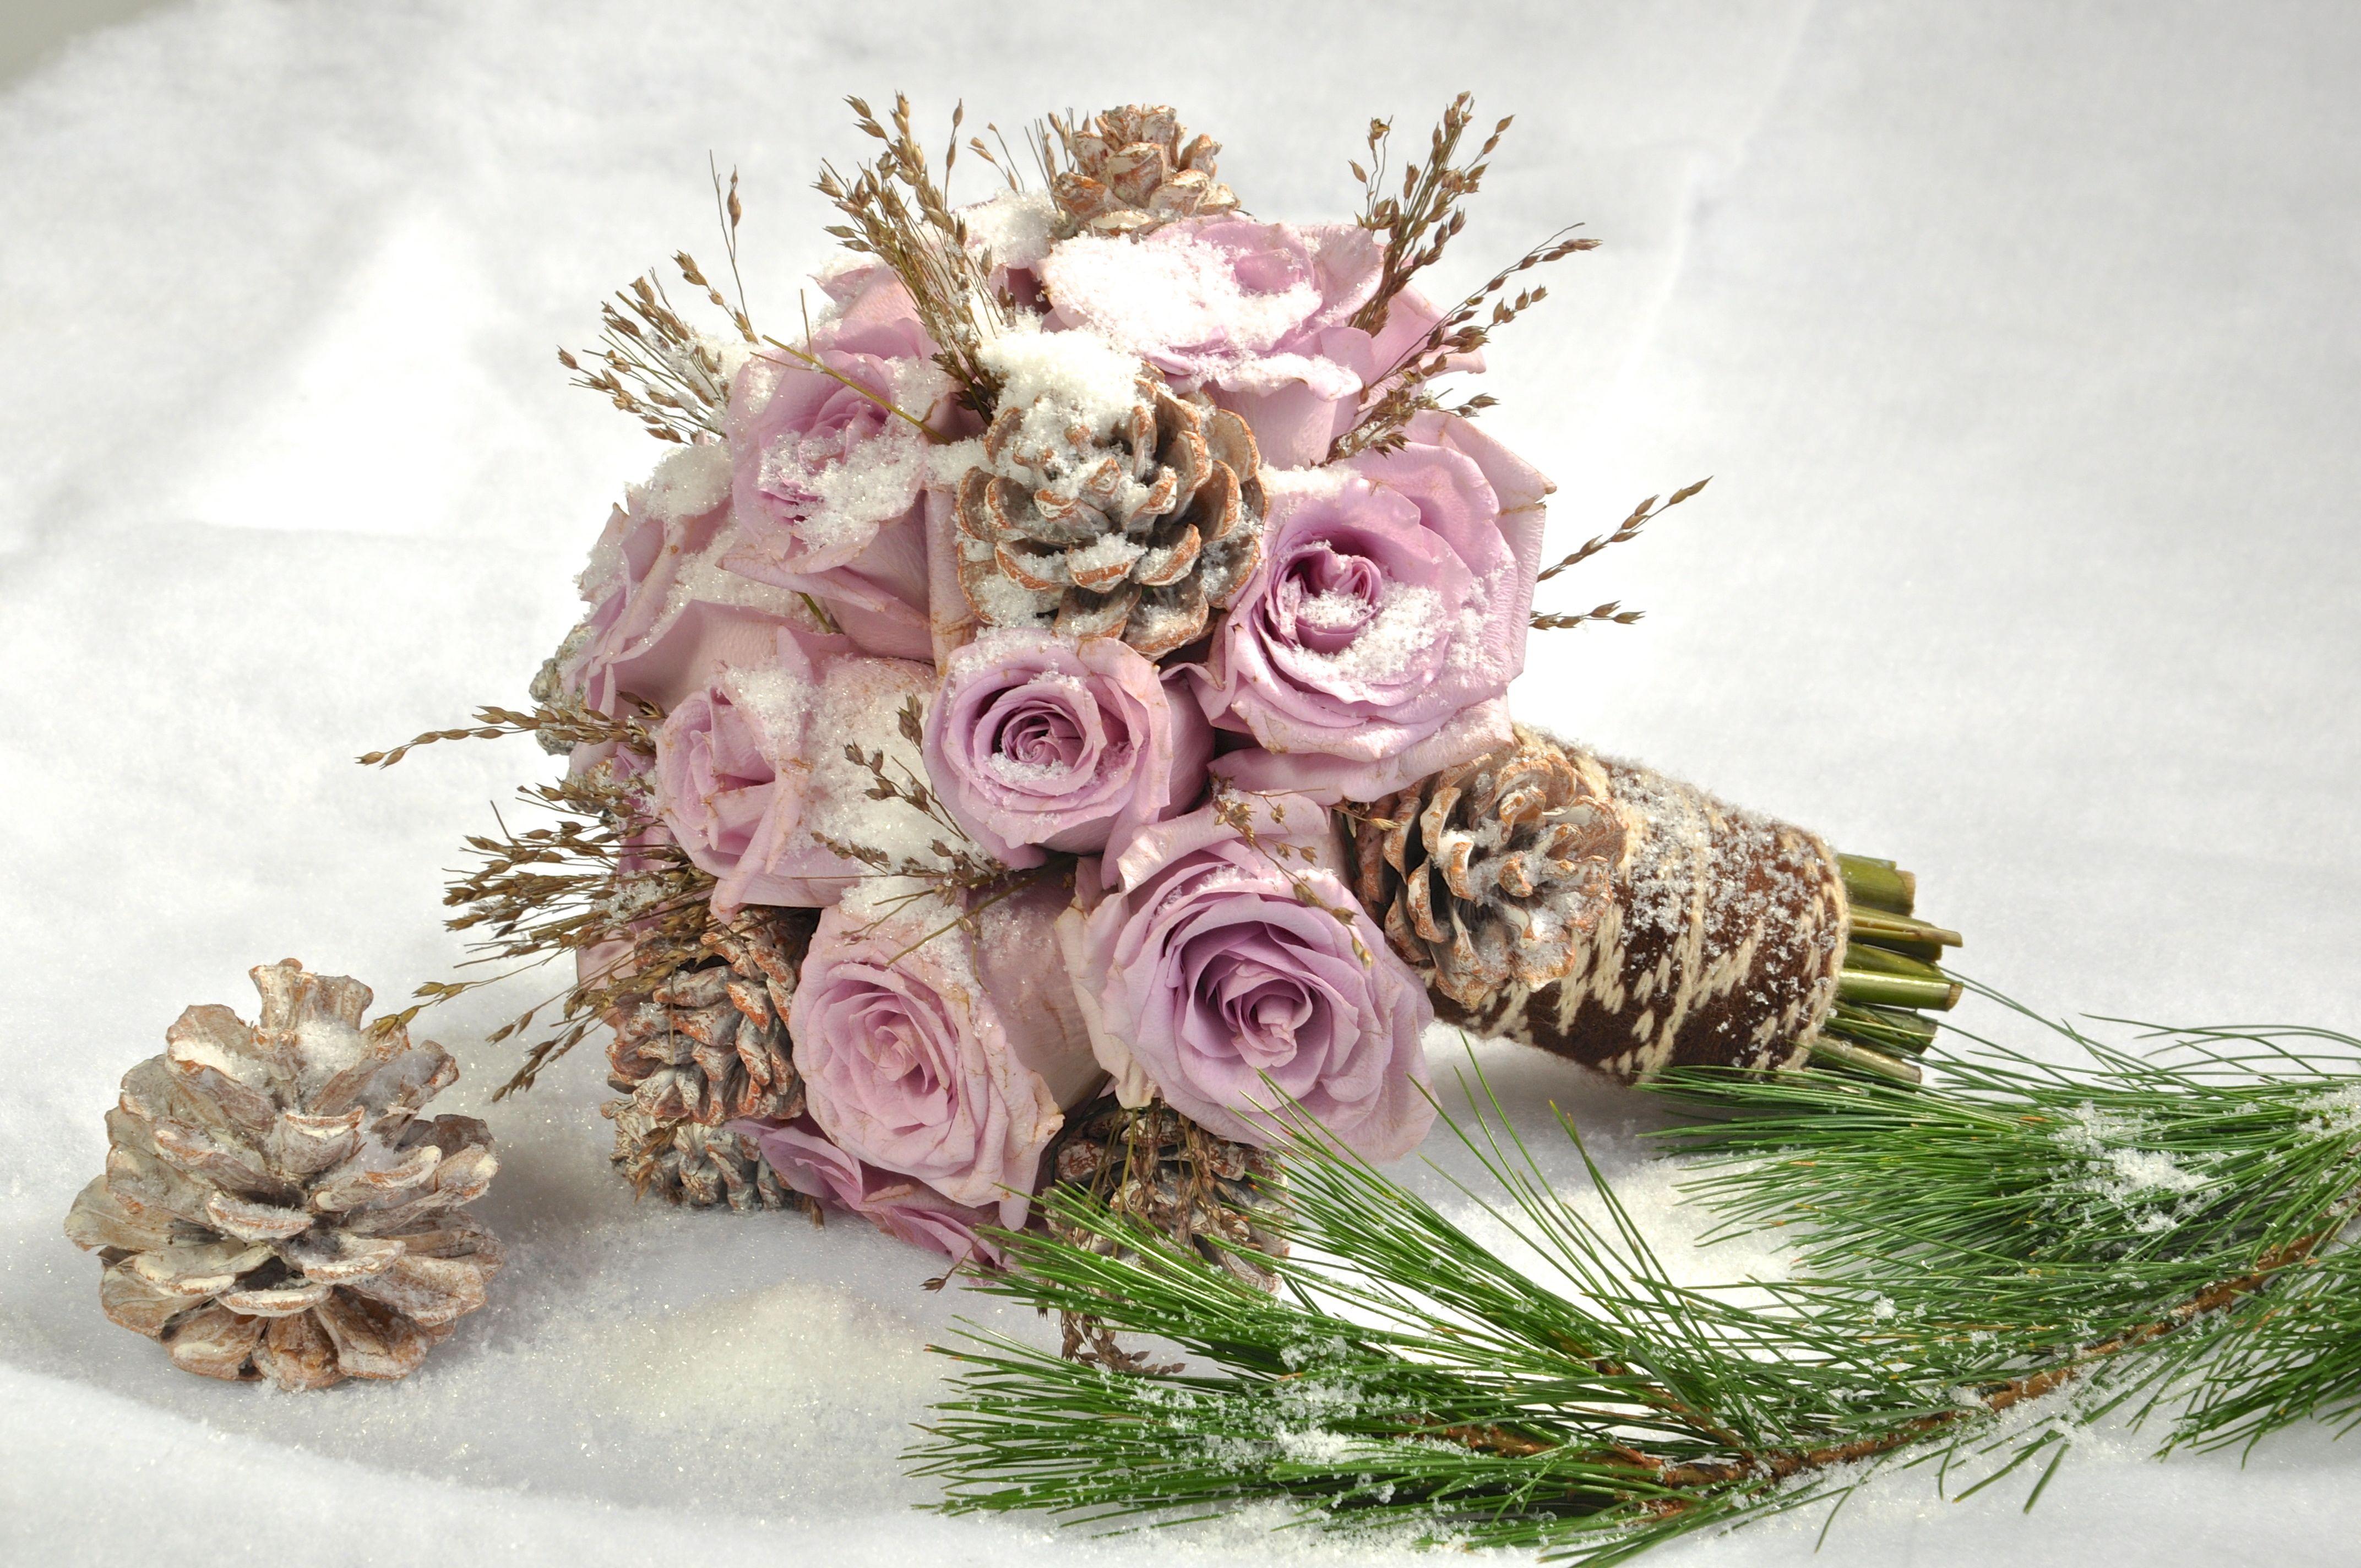 Подборка потрясающих образов зимней невесты... Зима-отличное время для свадьбы!